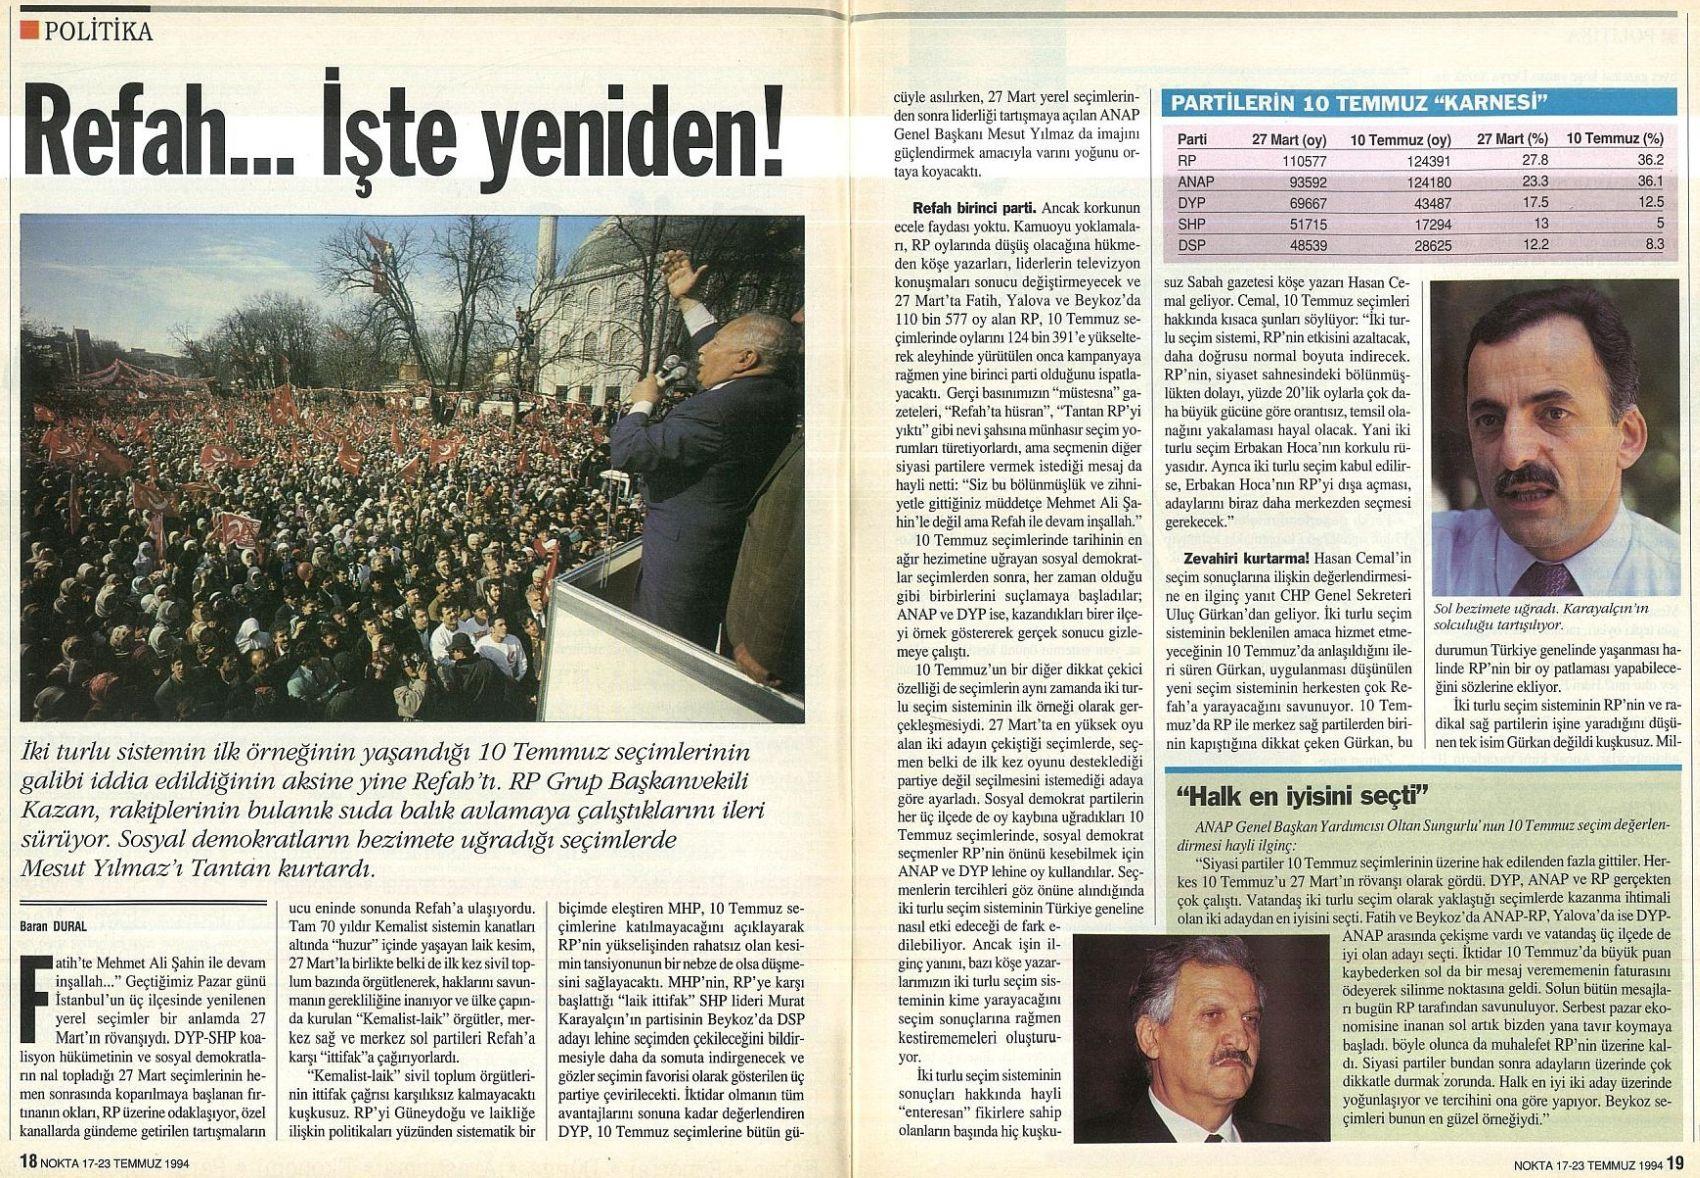 0374-refah-partisi-haberleri-1994-necmettin-erbakan-fotografi